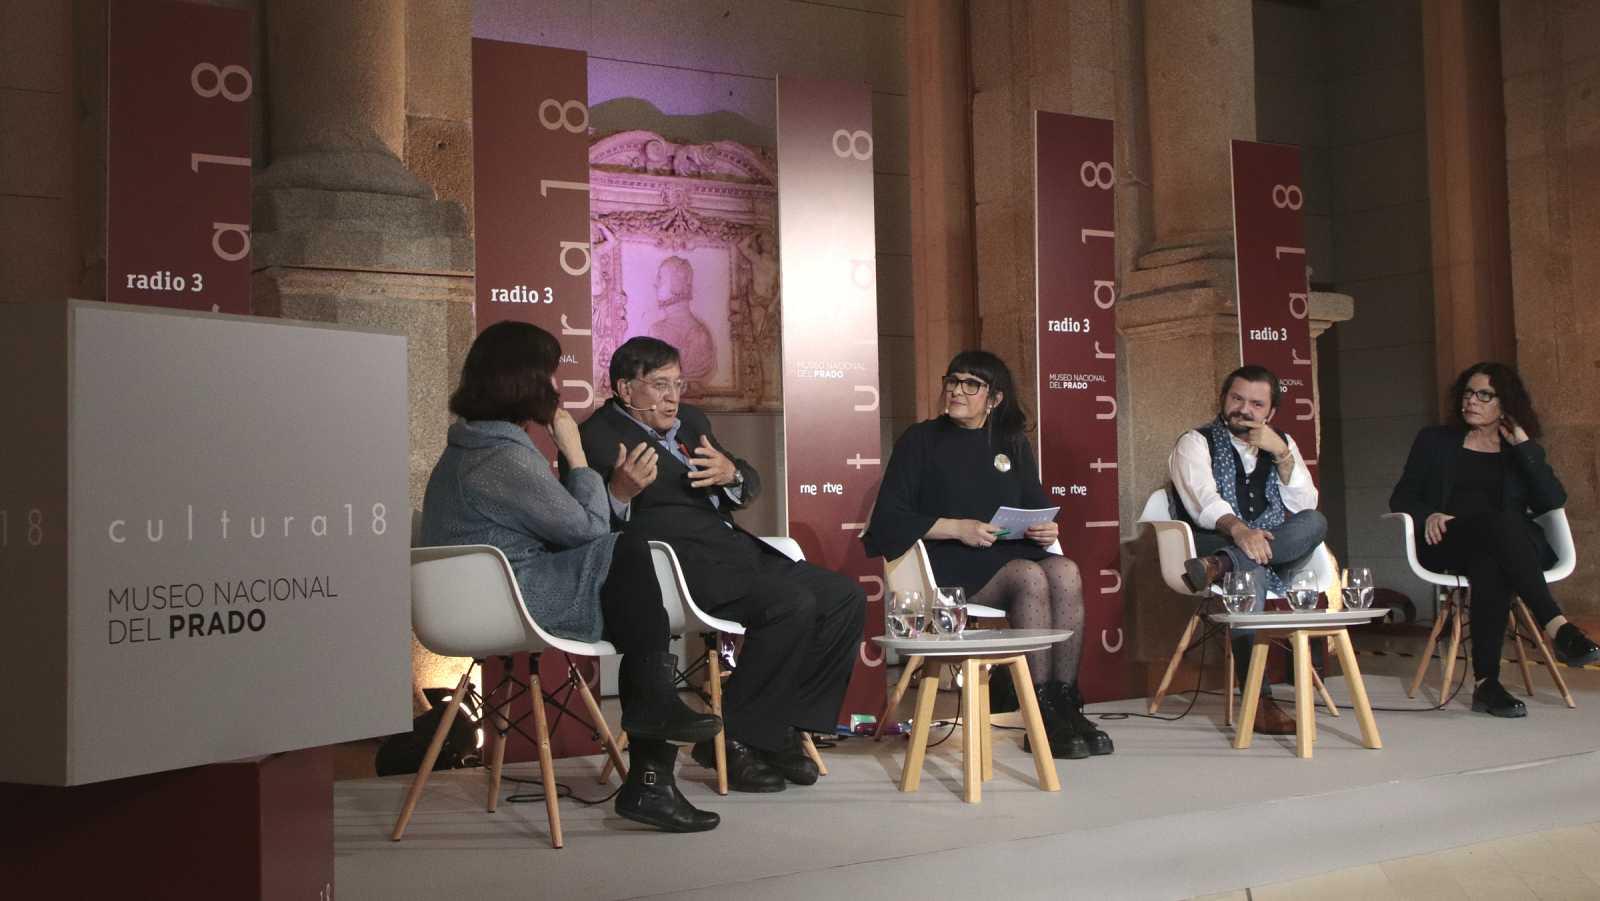 VÍDEO: Cultura y medioambiente - 19/04/18 - Ver ahora